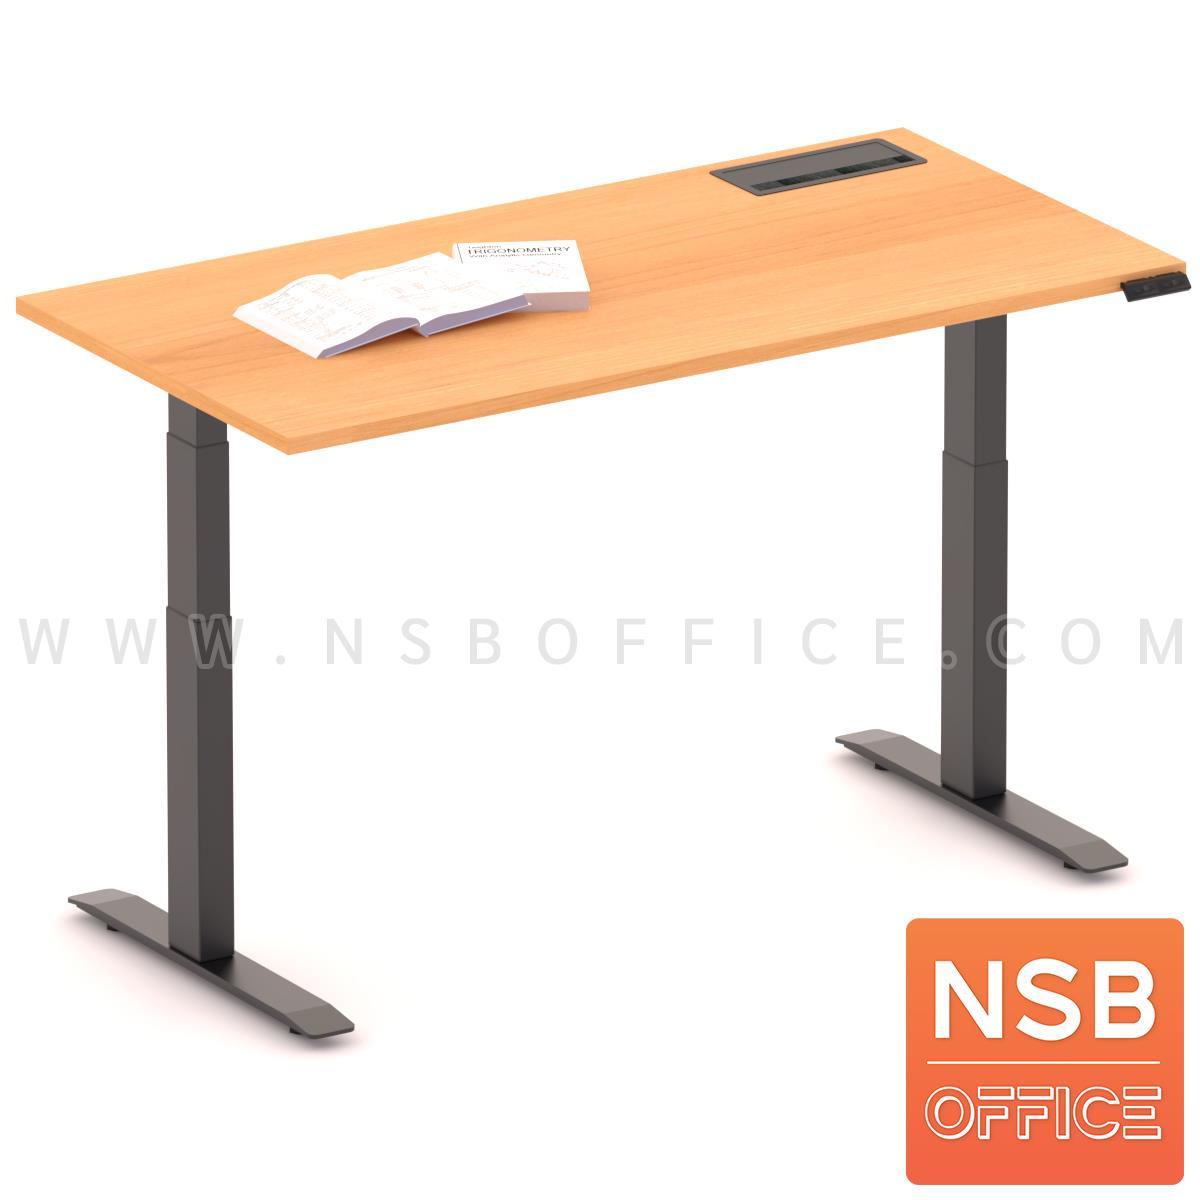 A44A004:โต๊ะทำงานปรับระดับ Sit 2 Stand ระบบไฟฟ้า รุ่น Flaxen 3 (แฟลกซ์เซ็น 3) ขนาด 150W, 180W cm.  พร้อมป็อปอัพรุ่น A24A057